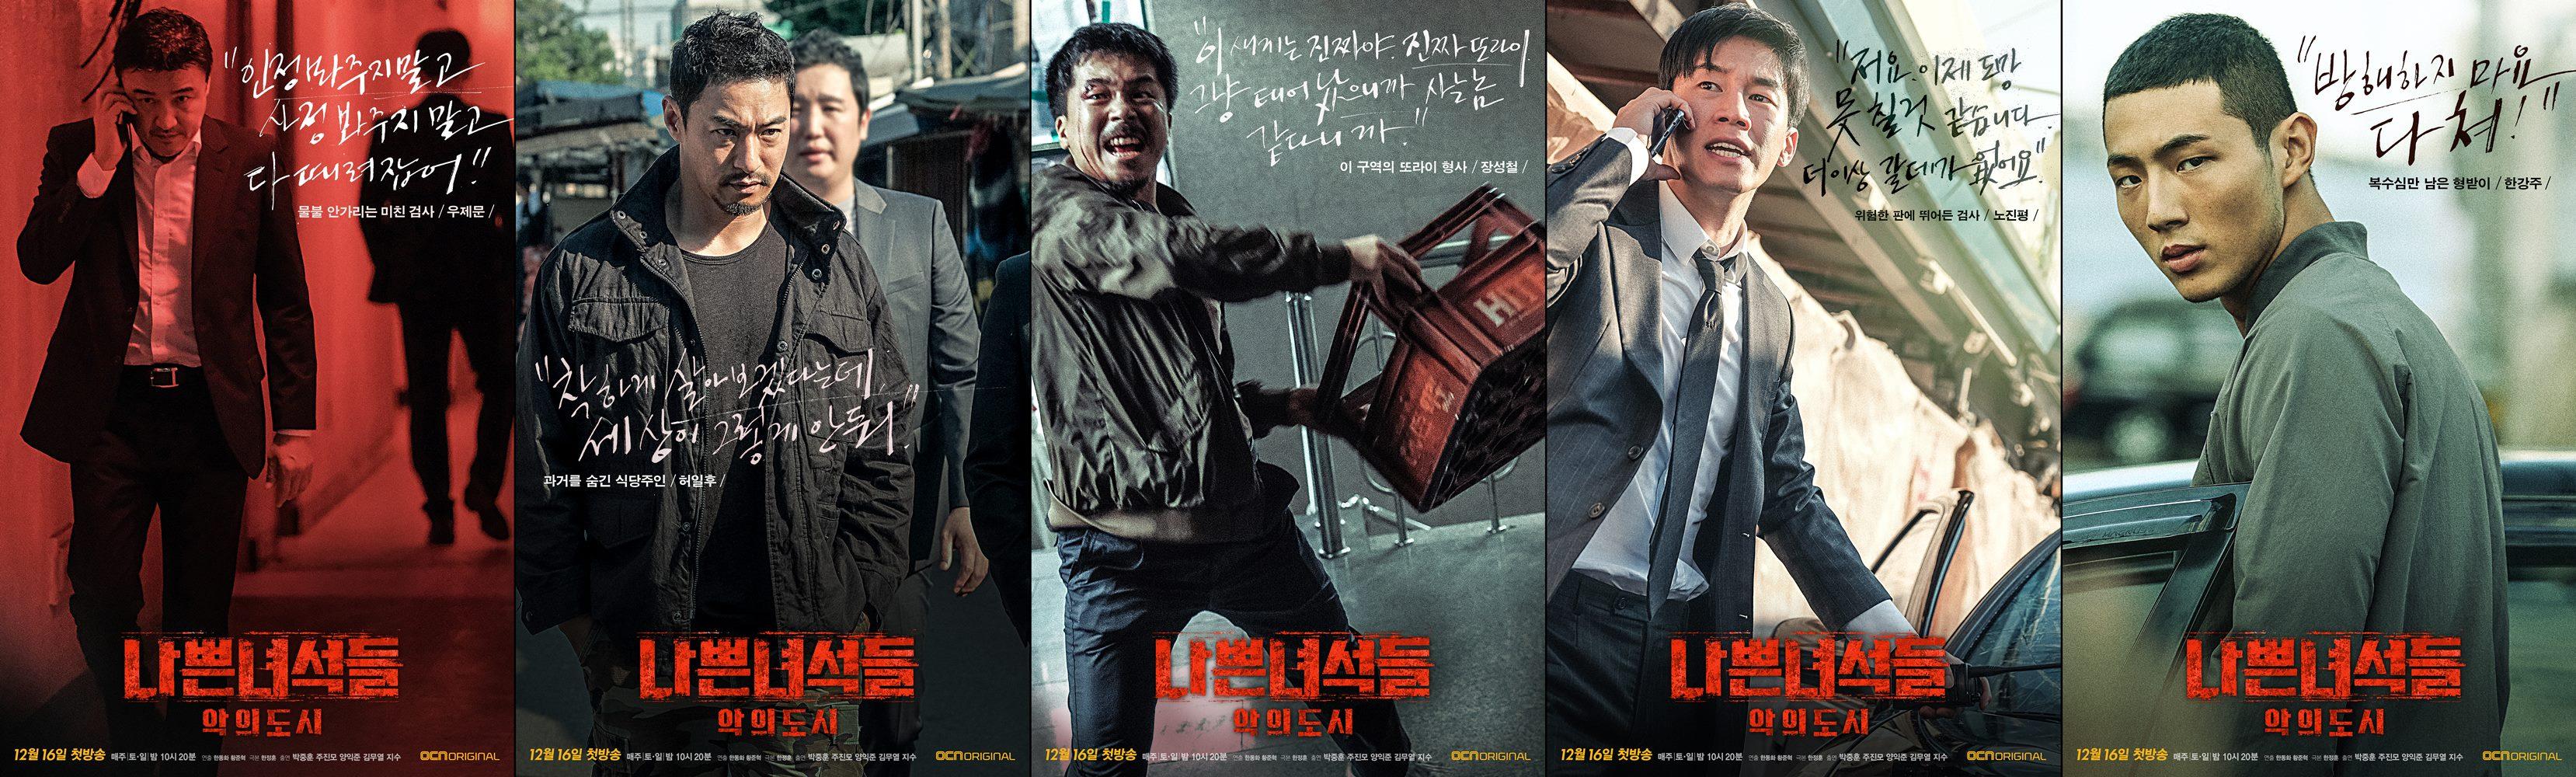 <나쁜 녀석들2> 박중훈-주진모-양익준-김무열-지수, 캐릭터 포스터 공개!